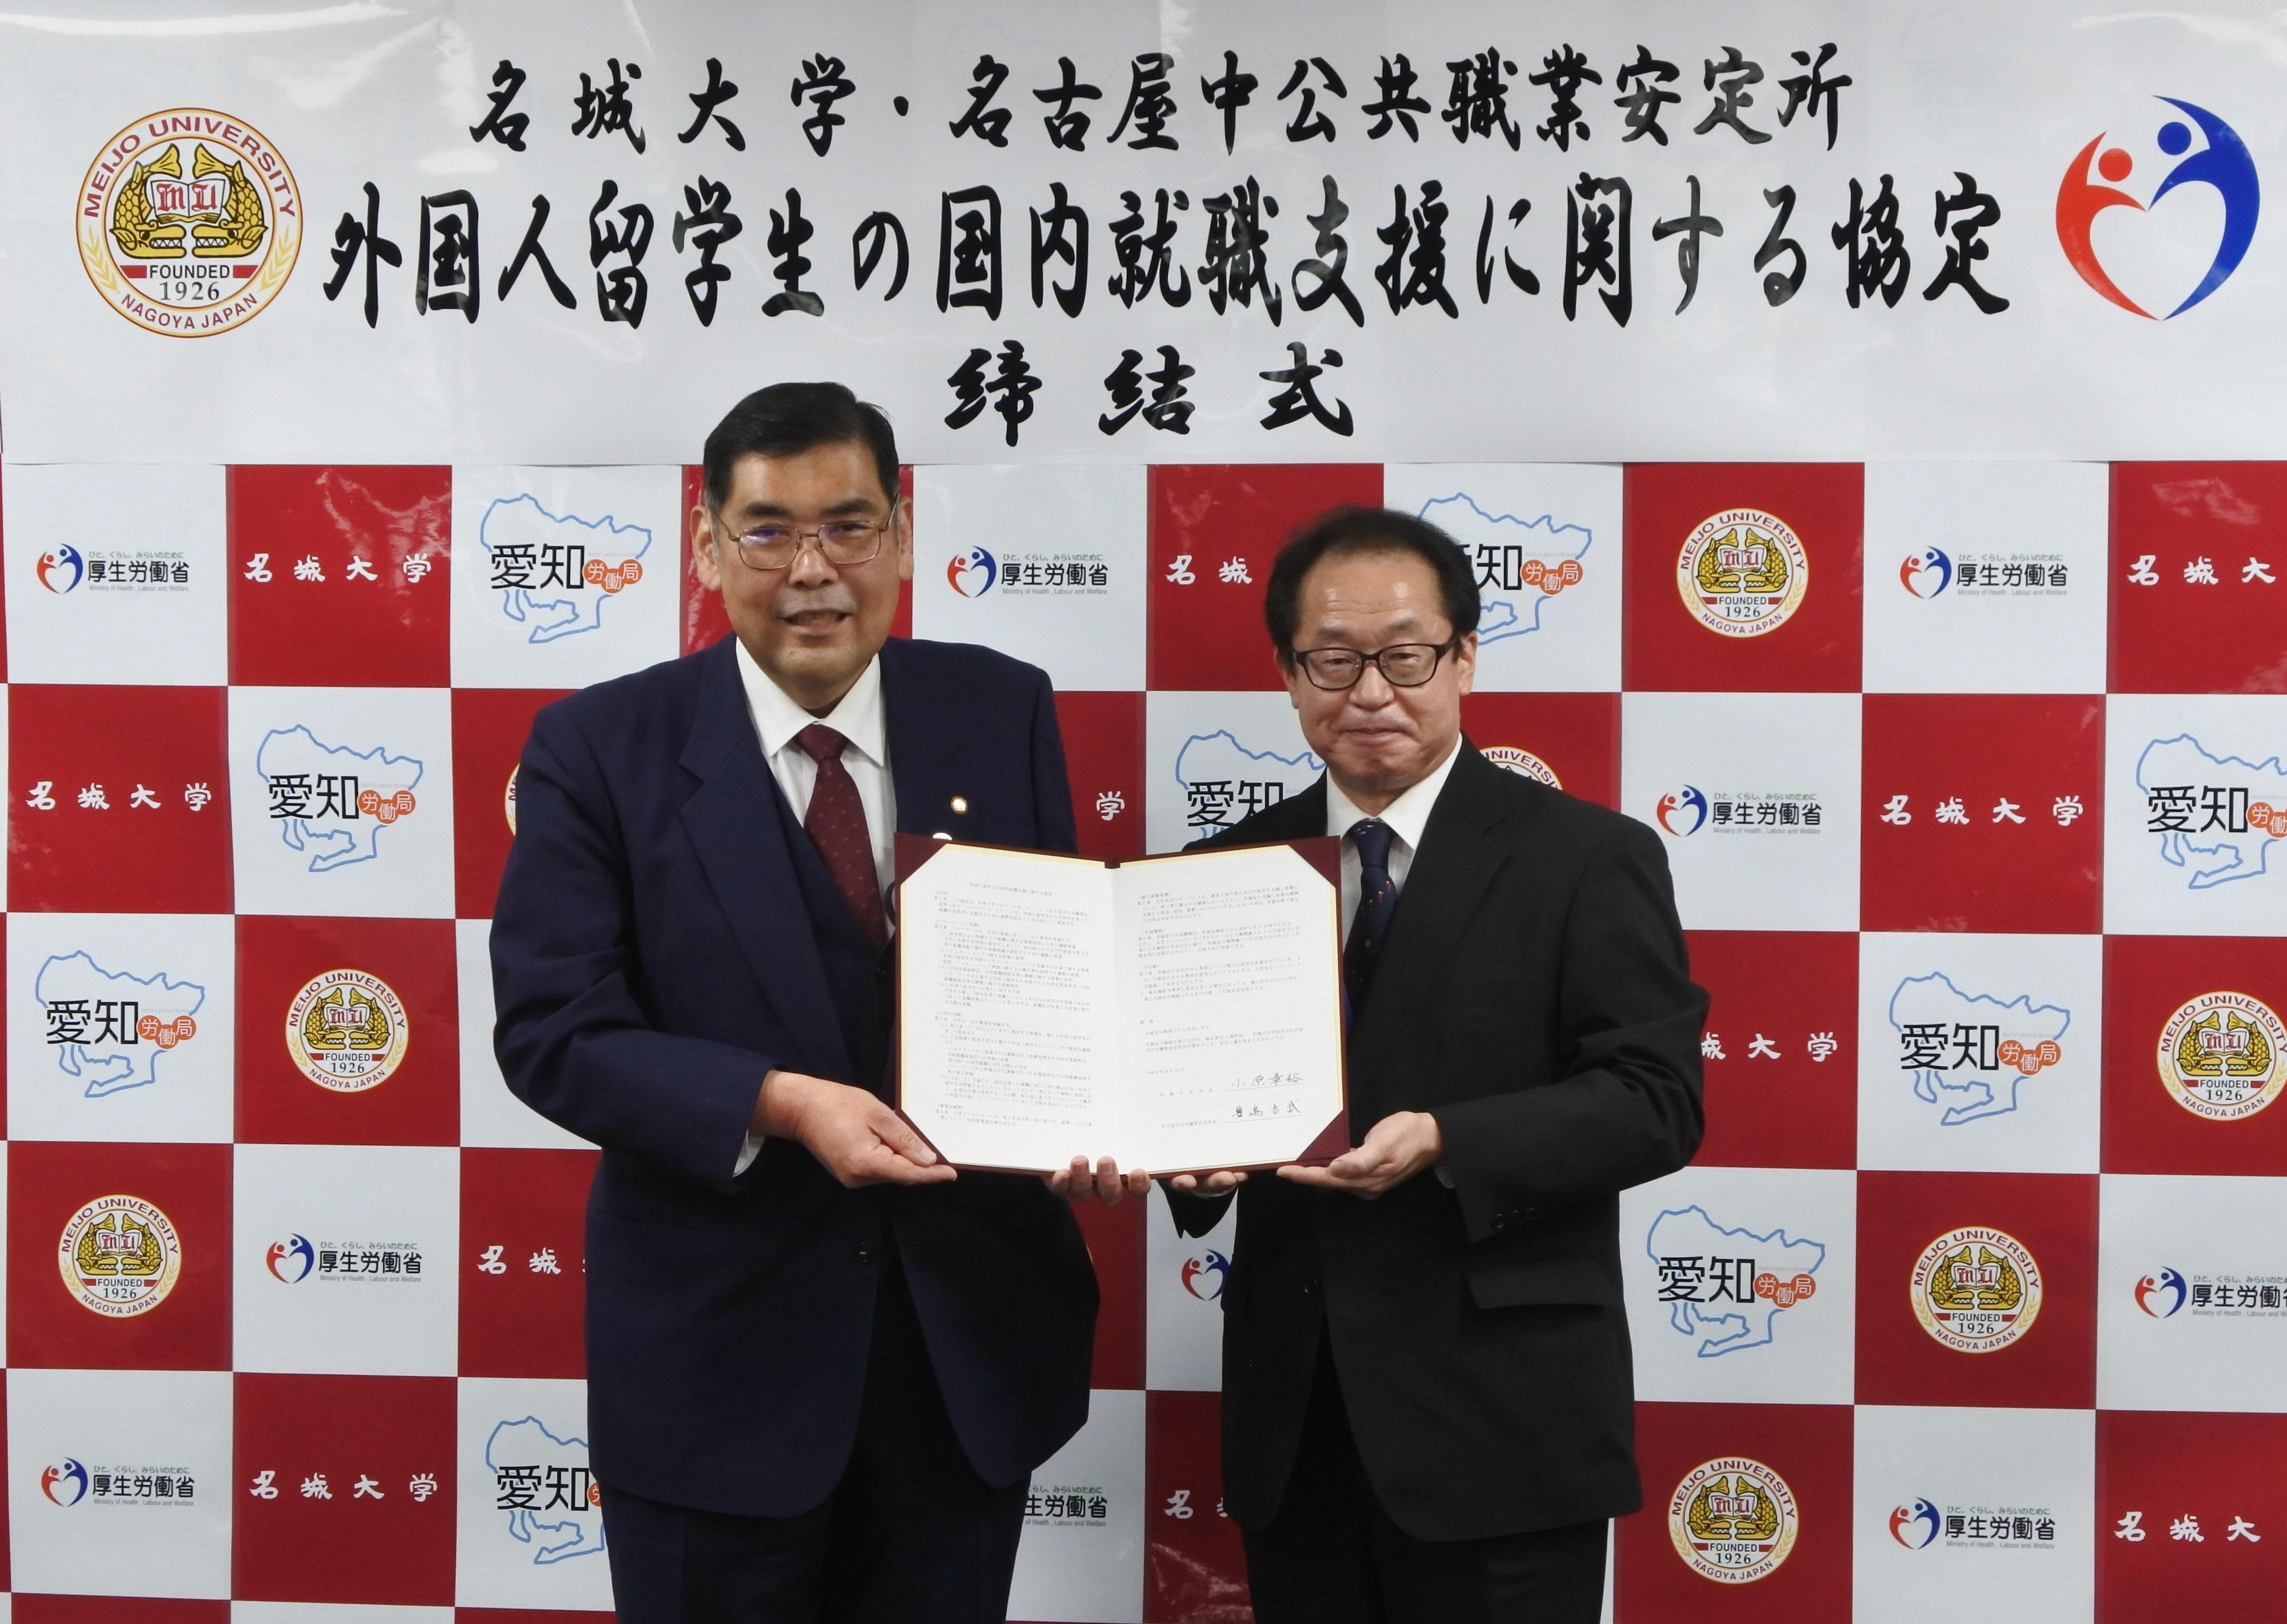 協定書を手にする小原章裕学長(左)と豊嶋吉武所長